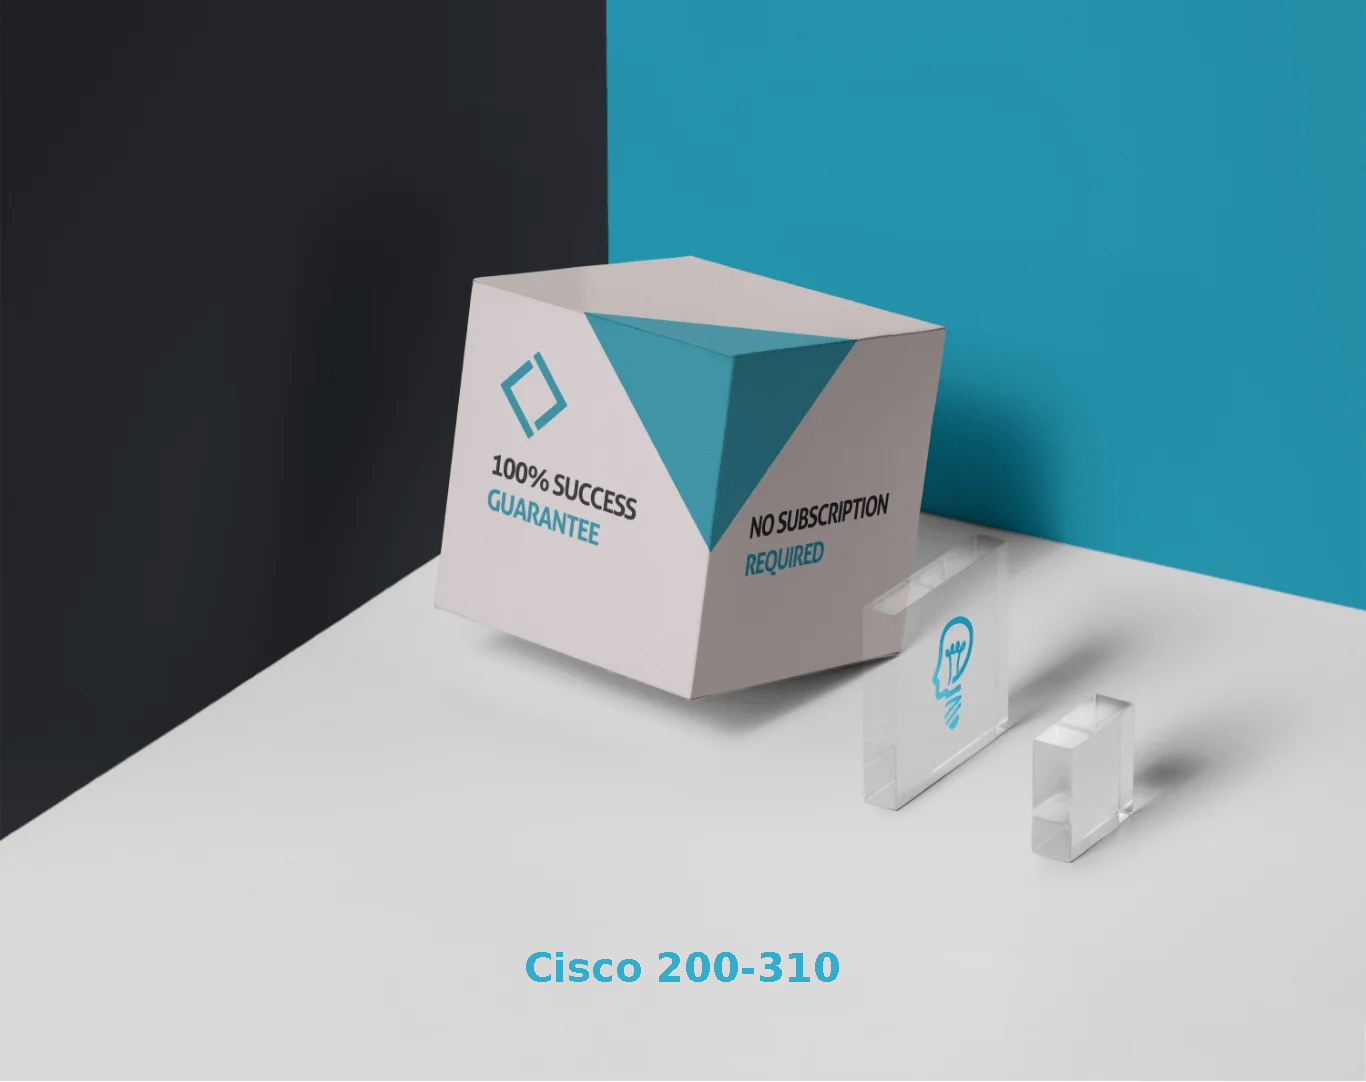 Cisco 200-310 Exams